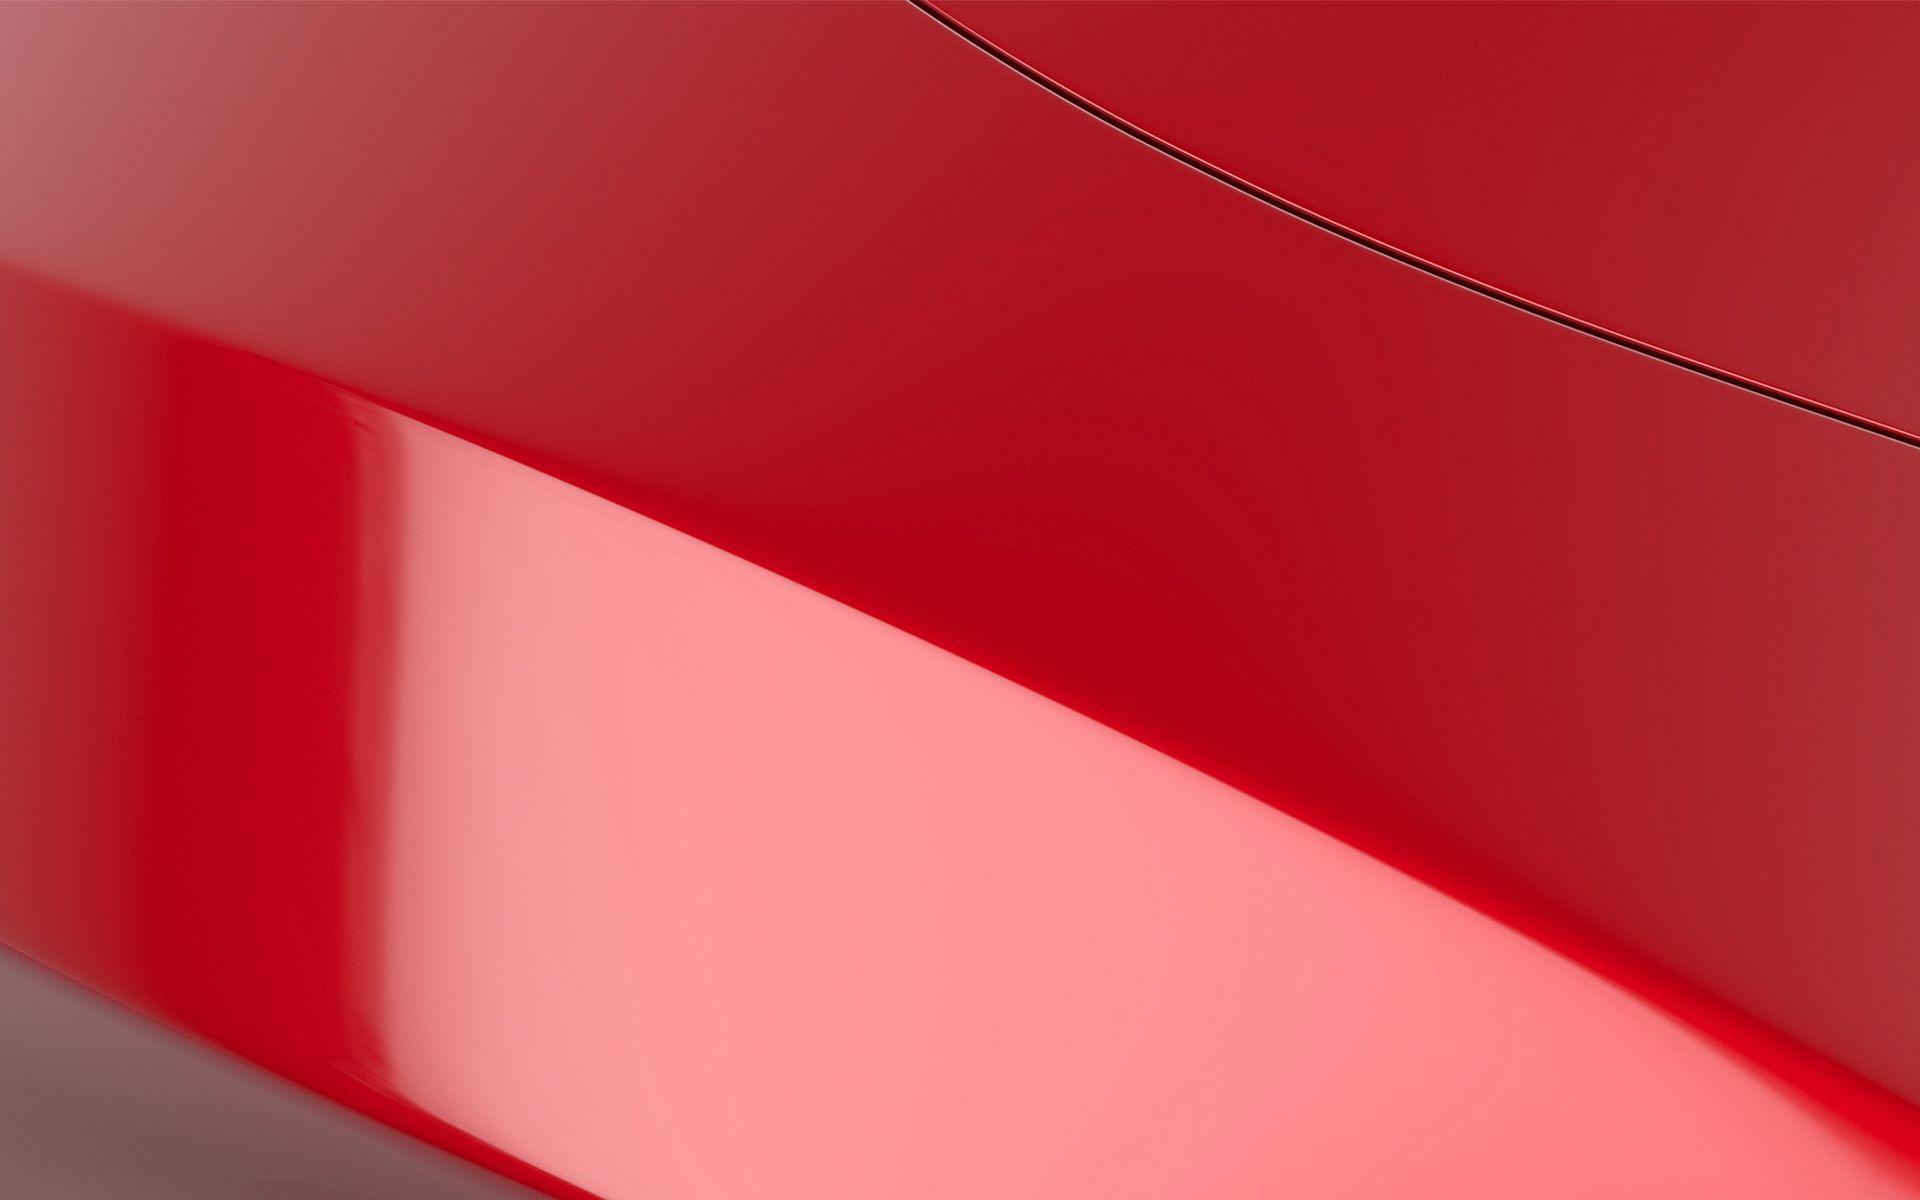 BASF-Automotive-Color-Trends-2020-7